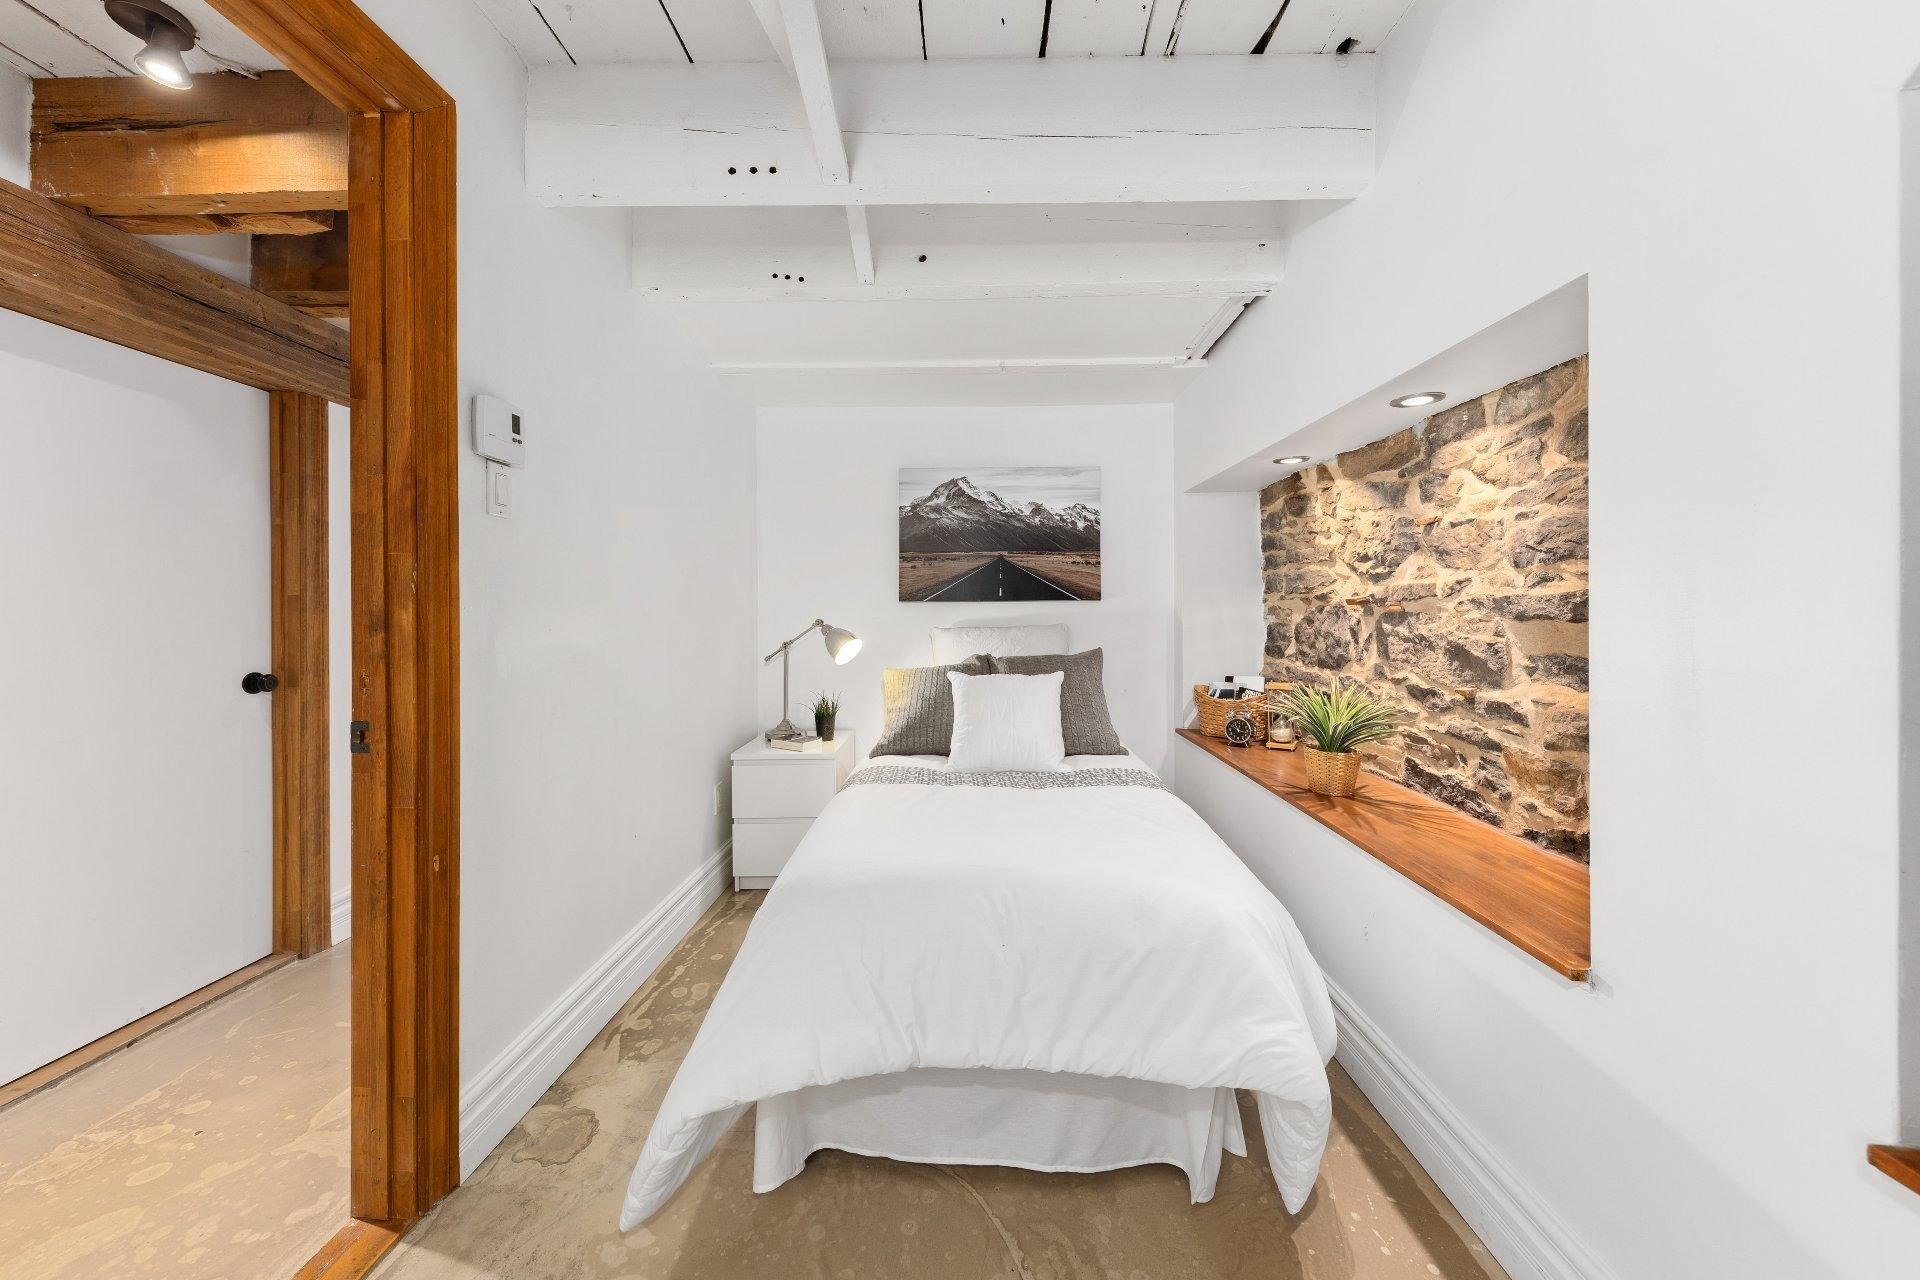 image 21 - Duplex À vendre Le Plateau-Mont-Royal Montréal  - 5 pièces